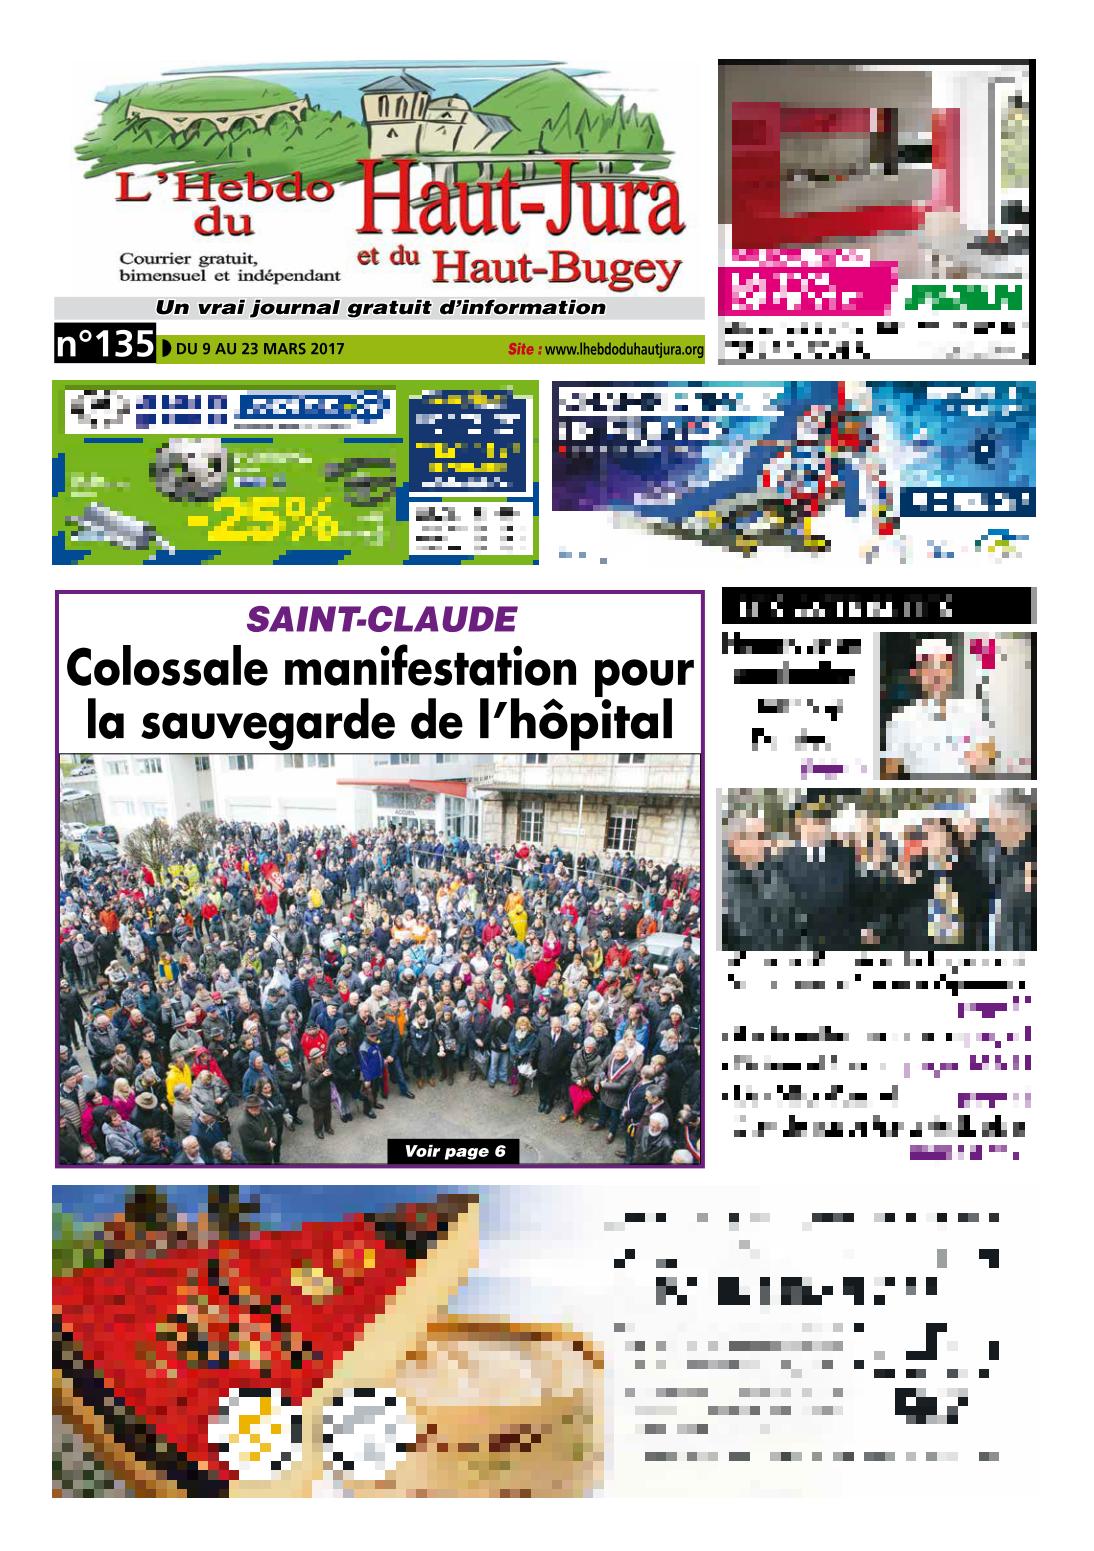 2017-03-09 - L'Hebdo du Haut Jura - Hôpital de Saint-Claude (page 1)